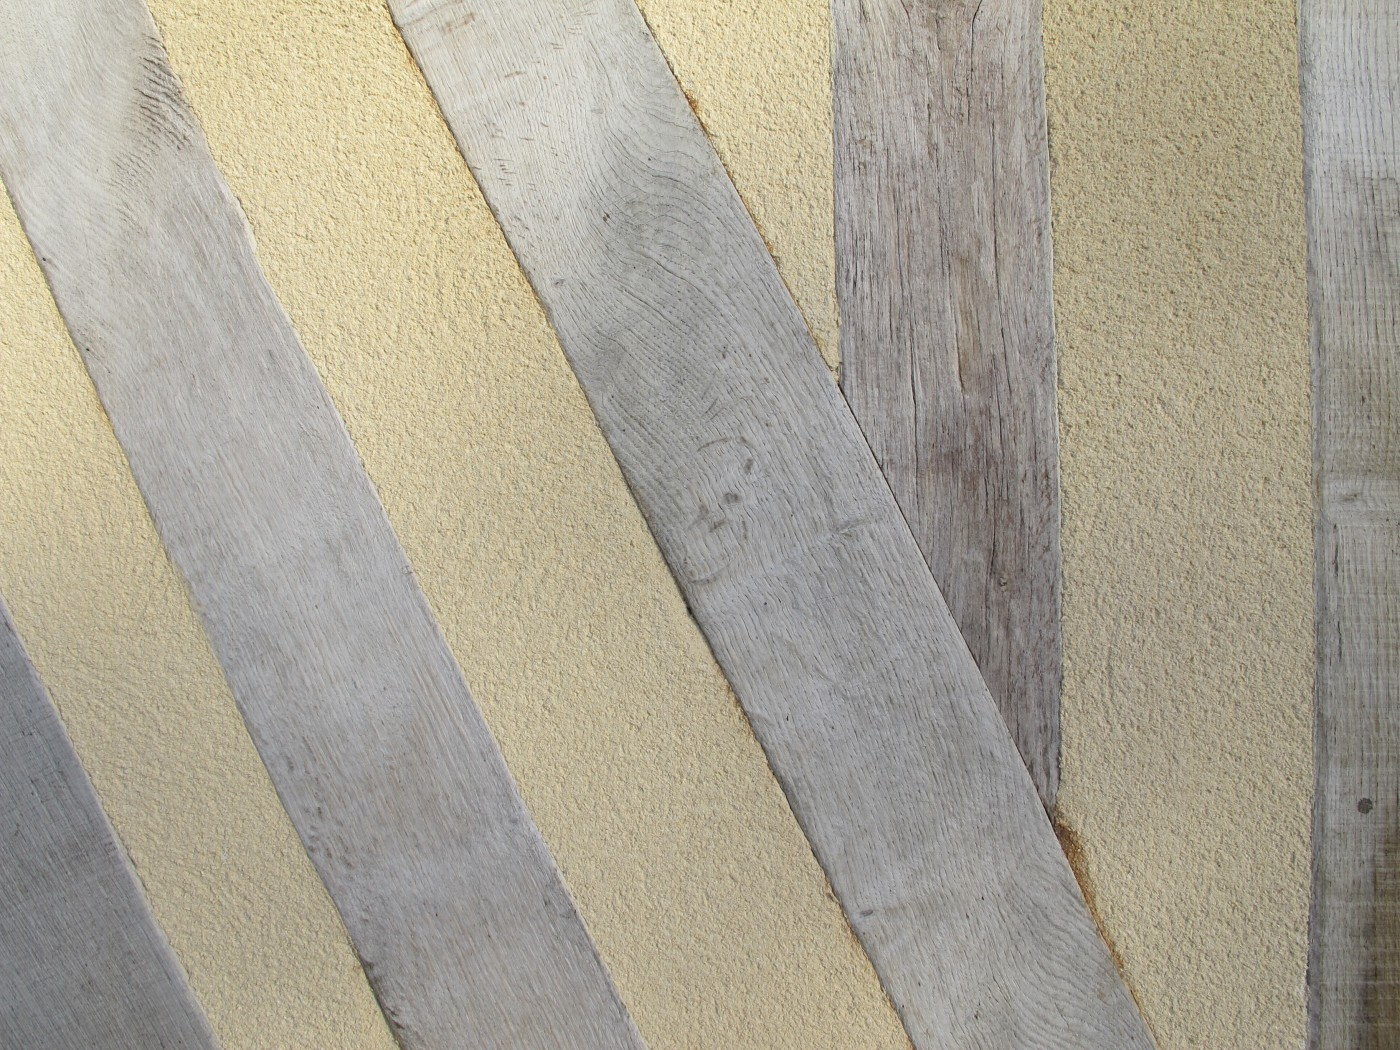 Les entre-colombages ont été comblés par un mélange chaux et copeaux de bois aux propriétés écologiques, thermiques et acoustiques intéressantes.